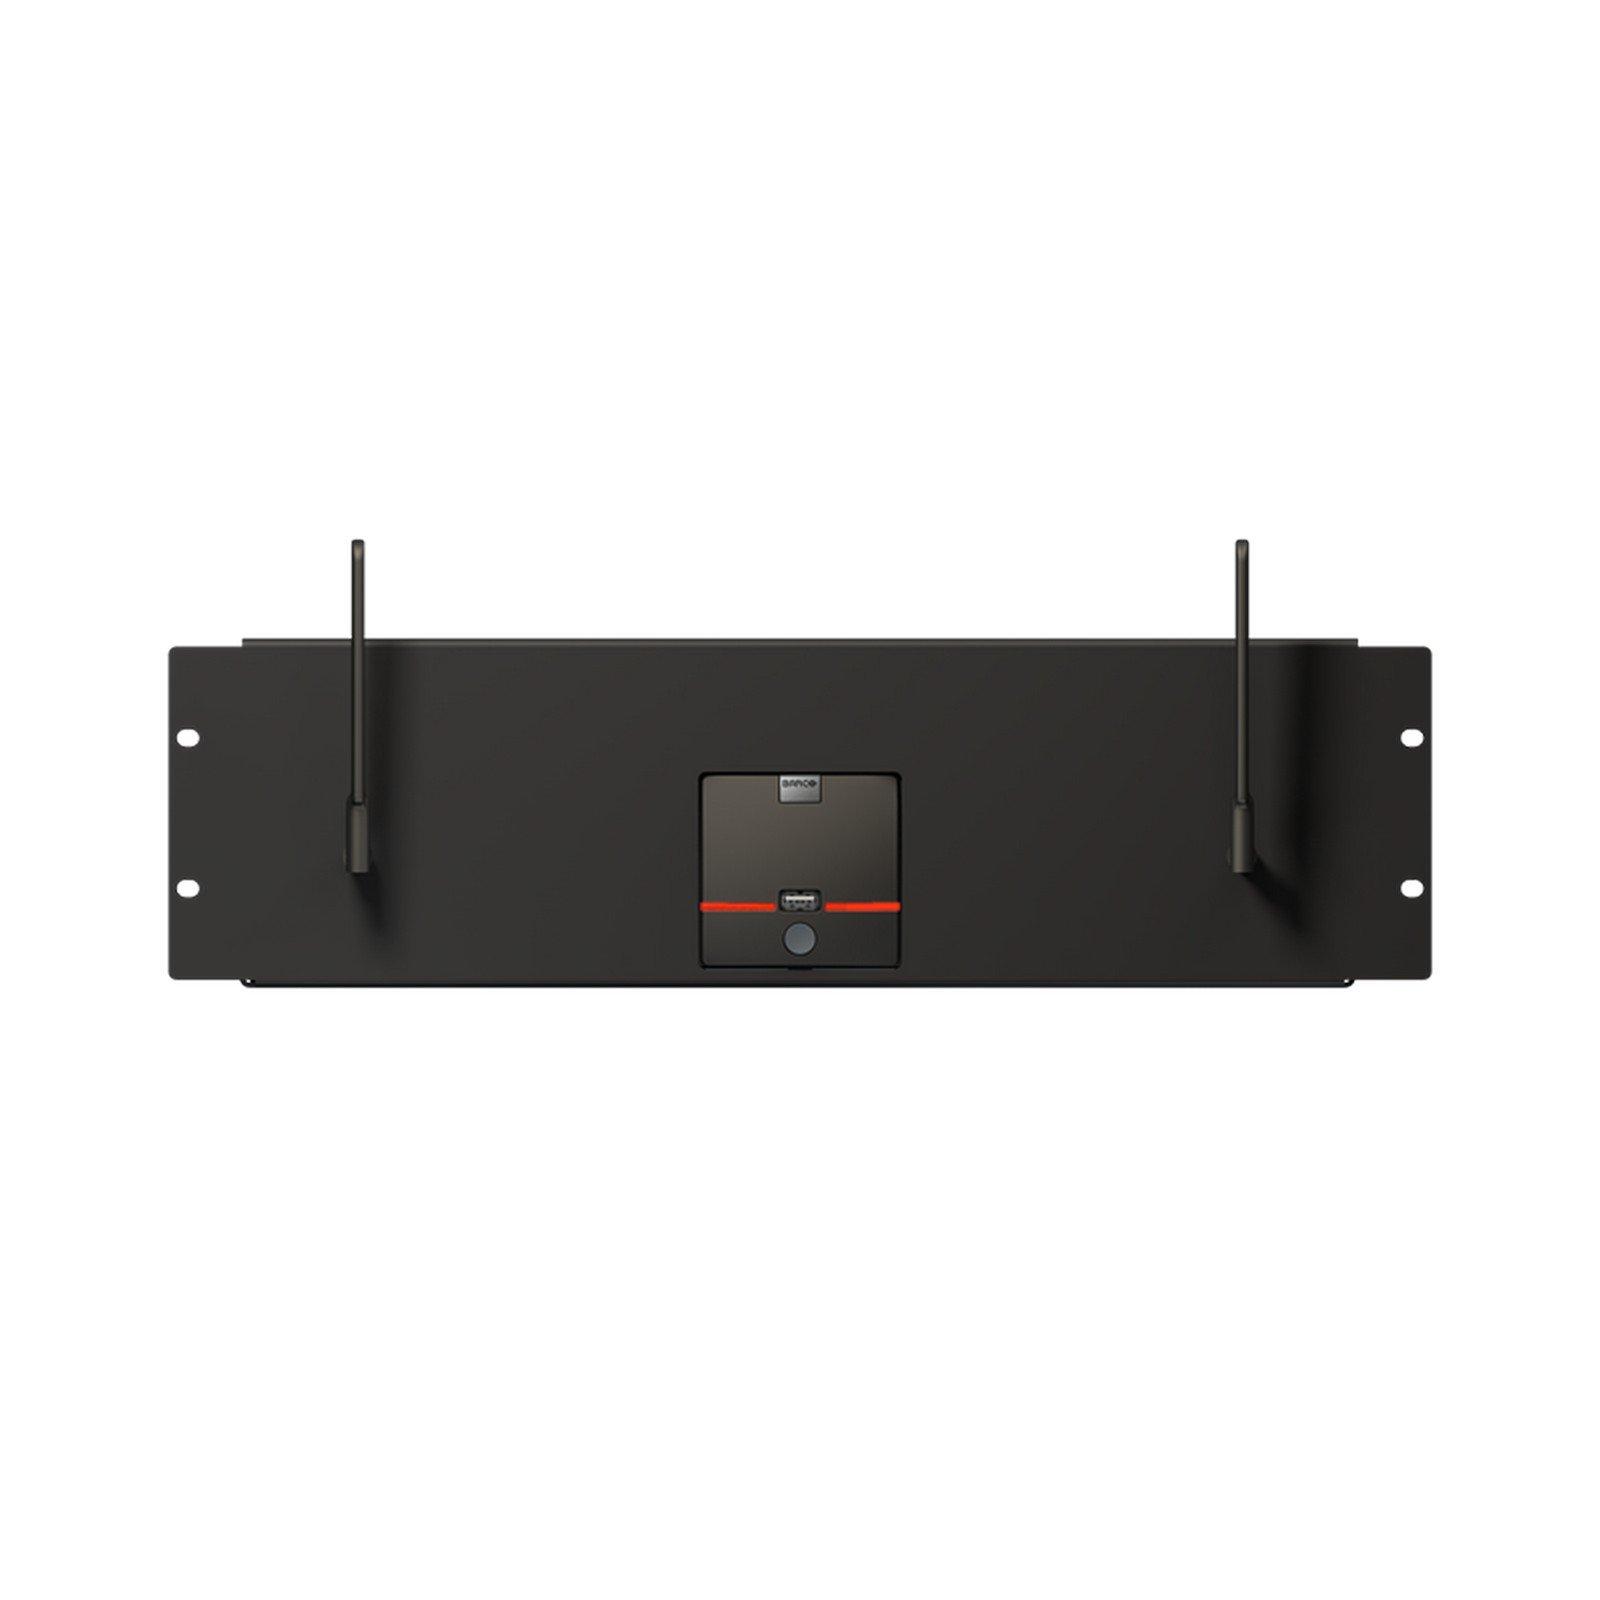 Barco R9861006R01   ClickShare Base Unit Rack Mount for R9861006BNA